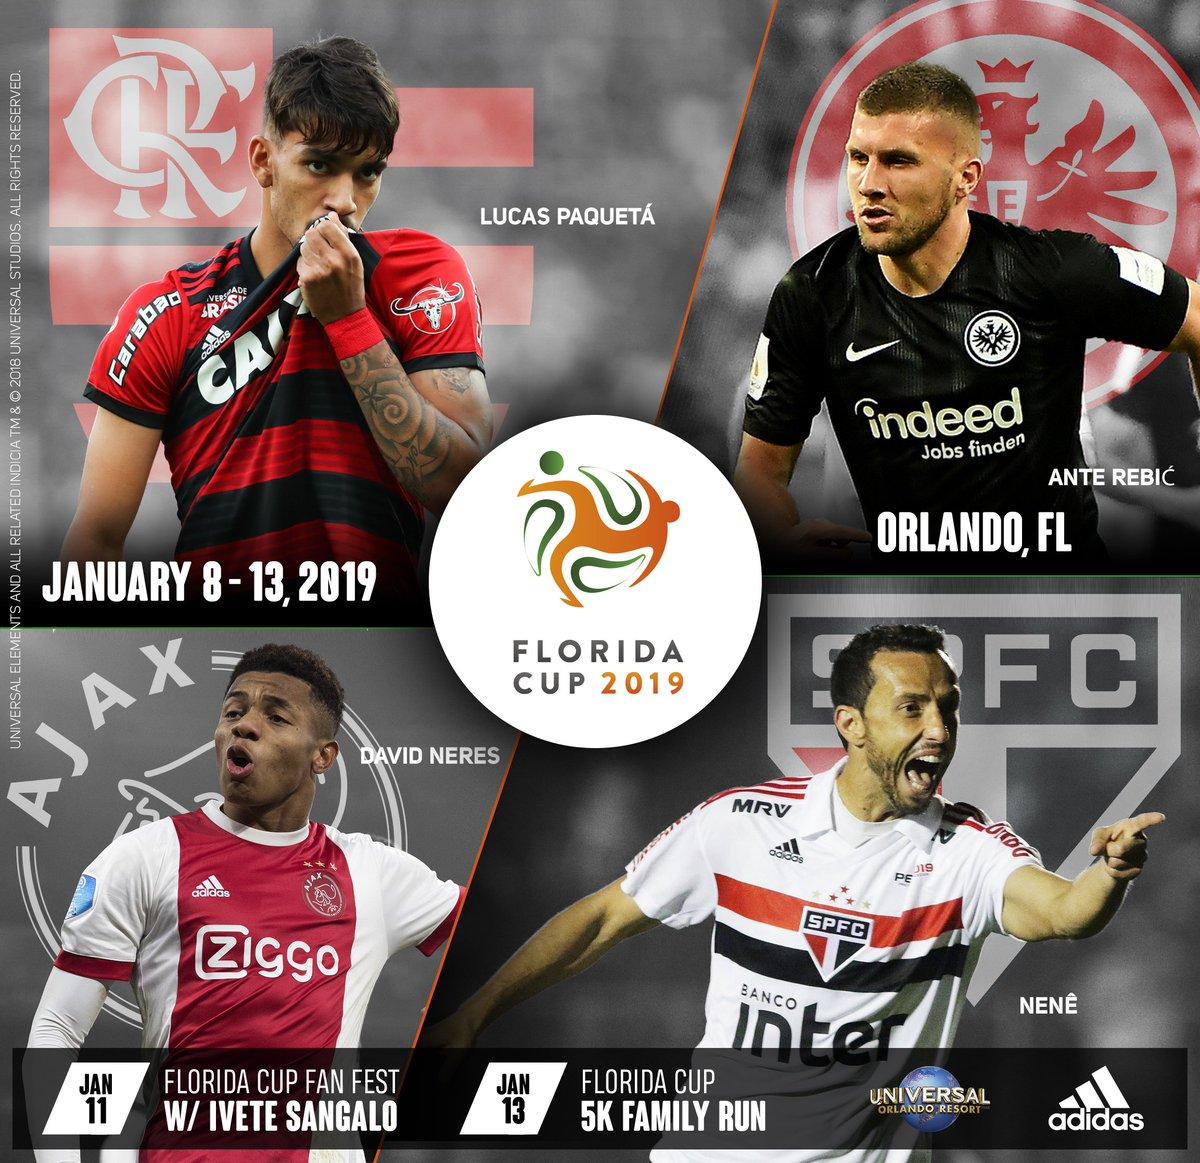 629d50d19a Organização confirma participação do Flamengo na Flórida Cup